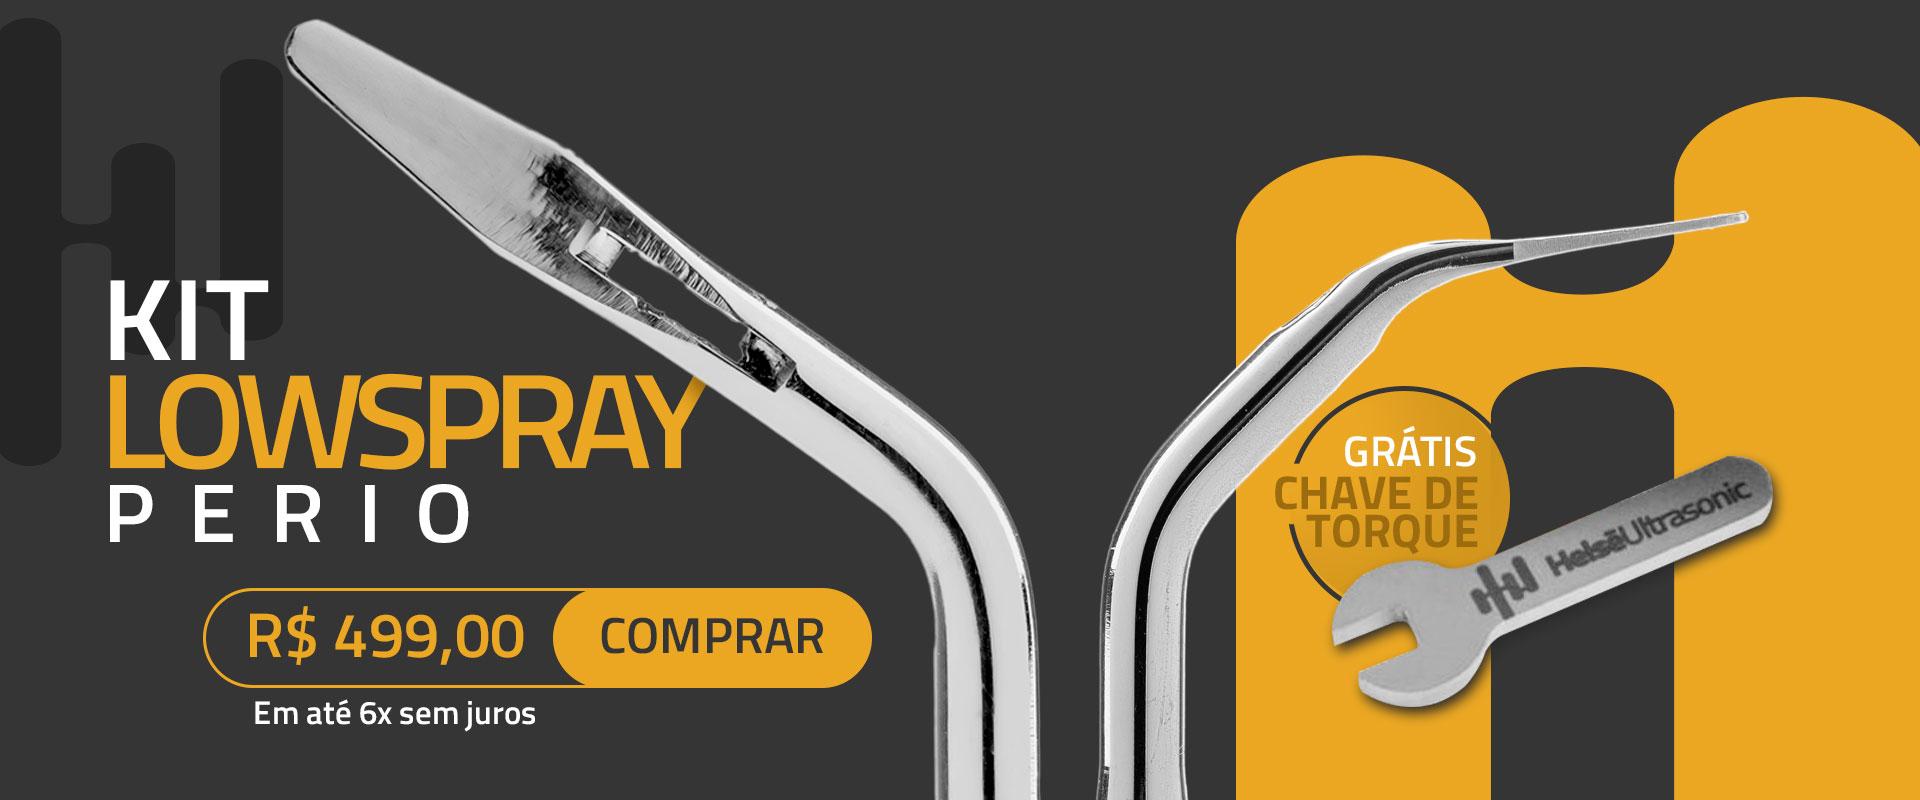 Kit Lowspray